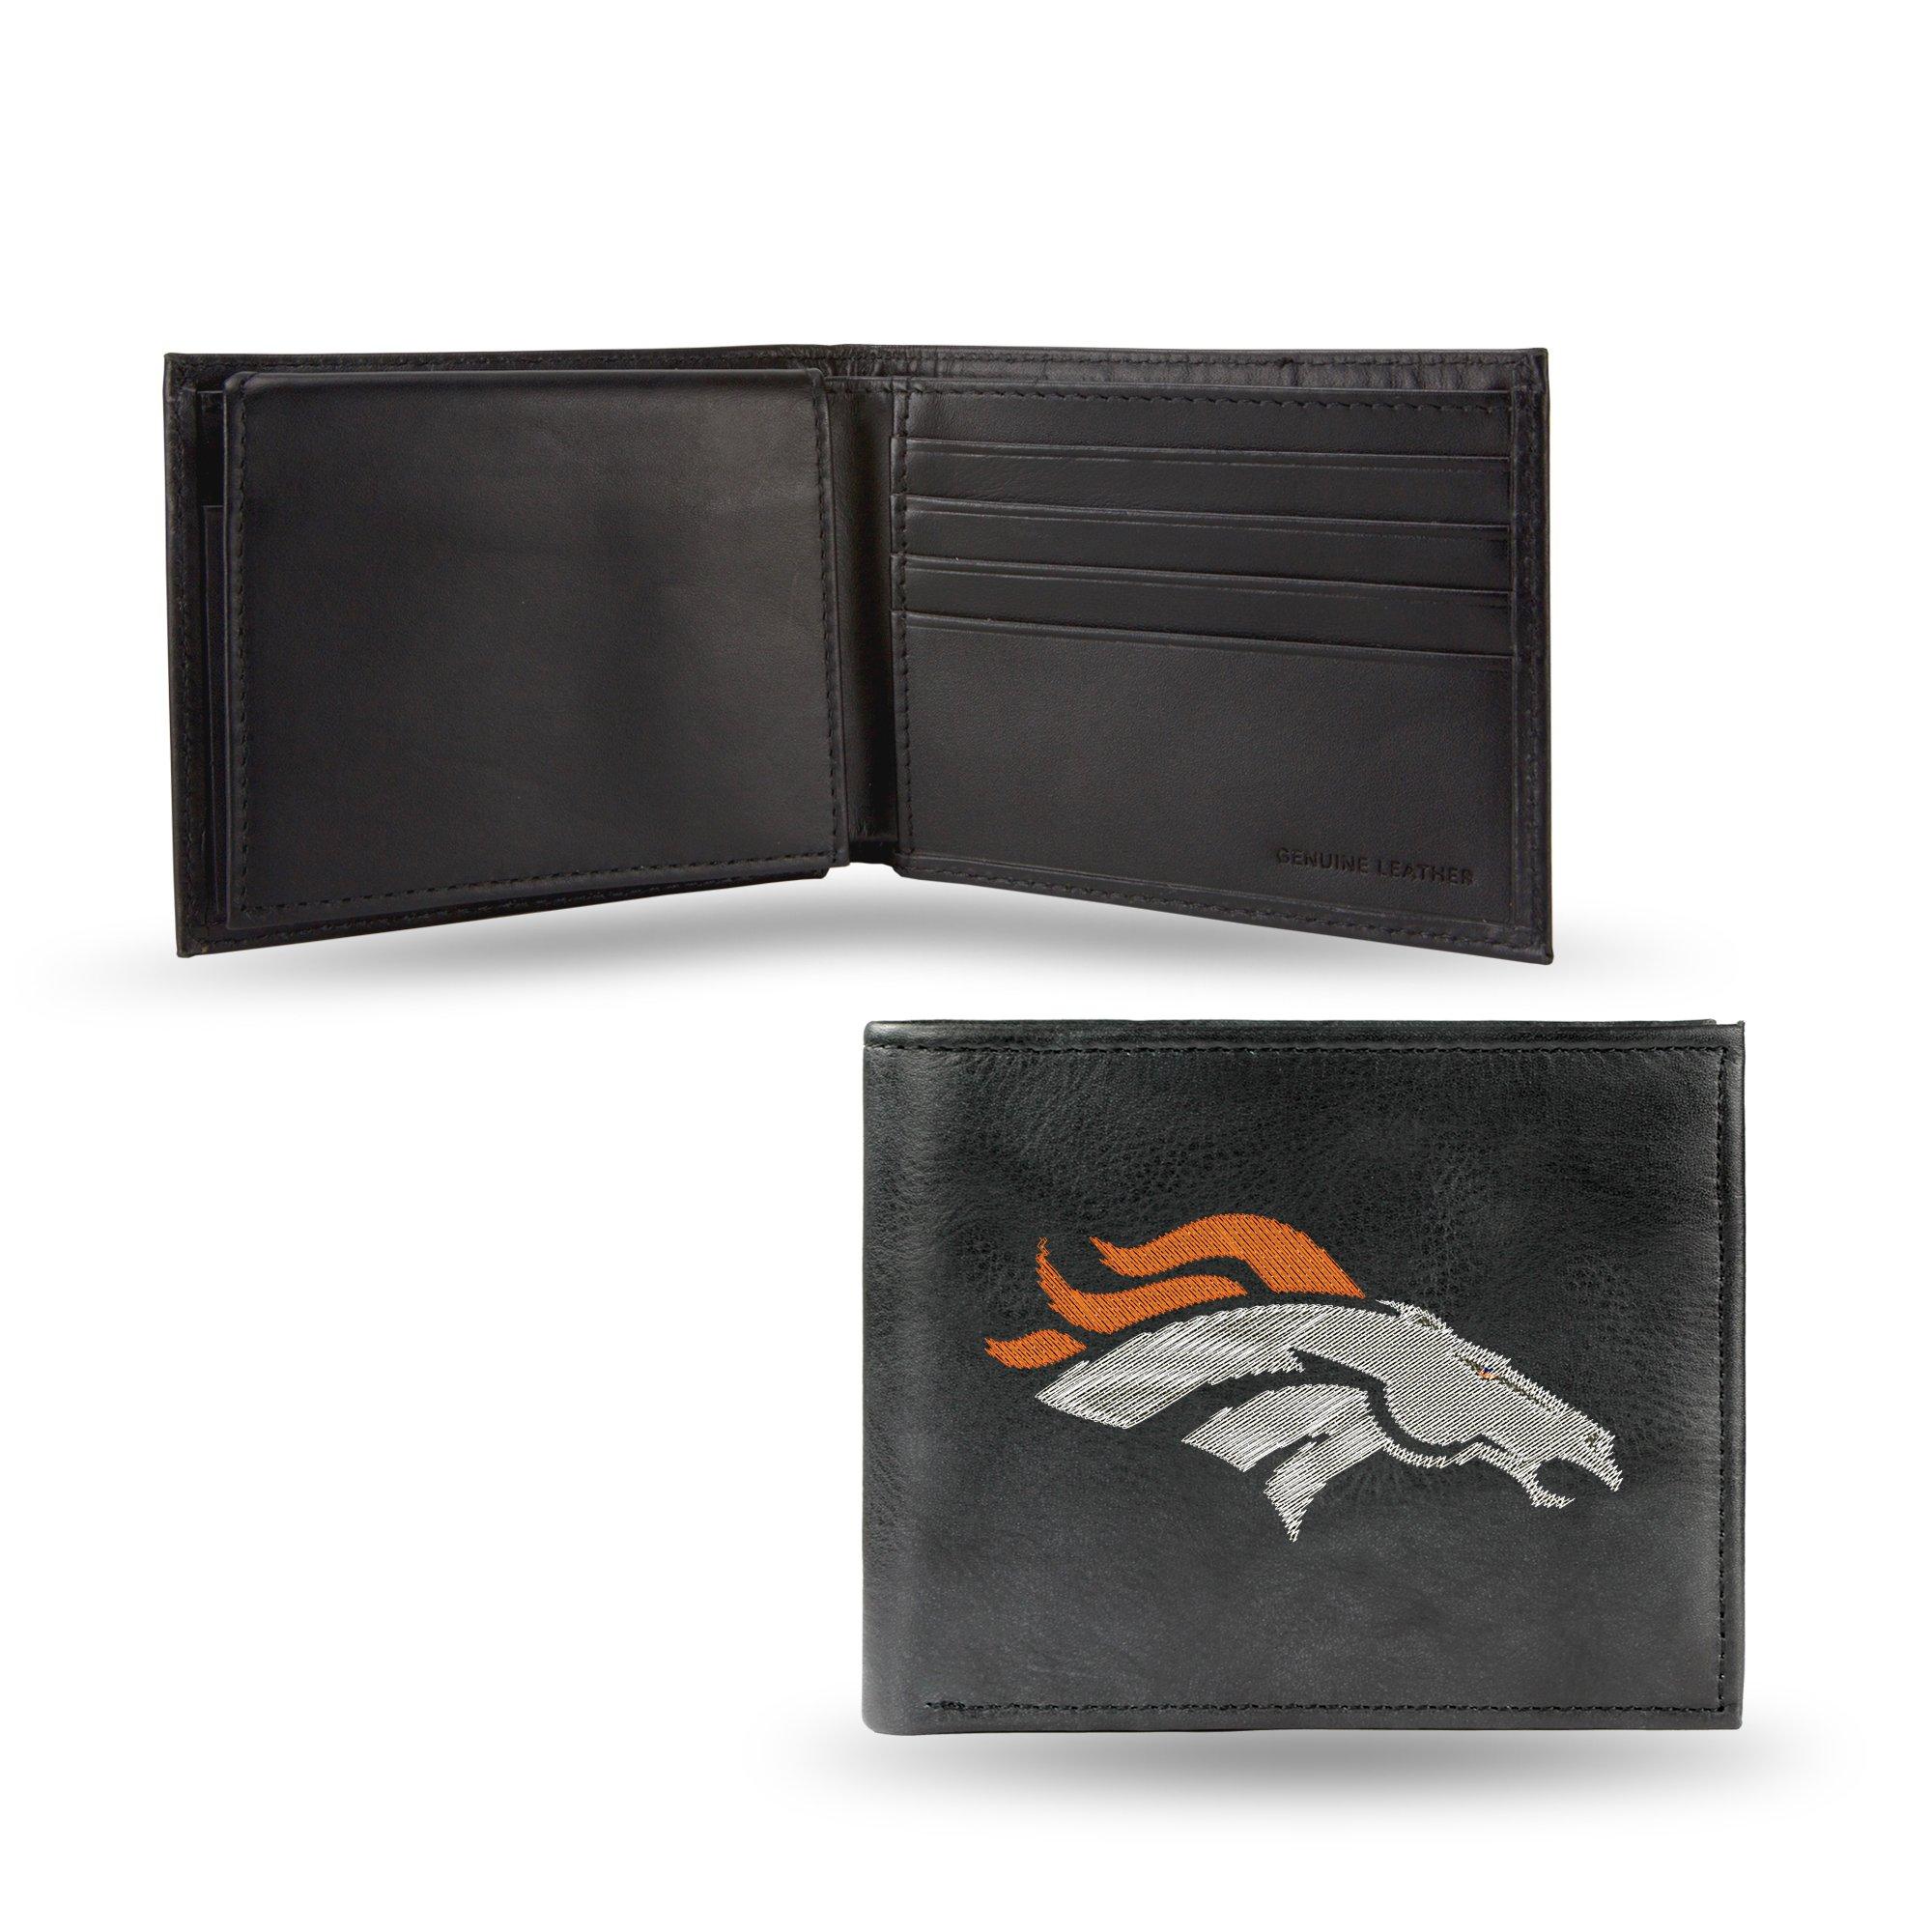 NFL Denver Broncos Embroidered Leather Billfold Wallet